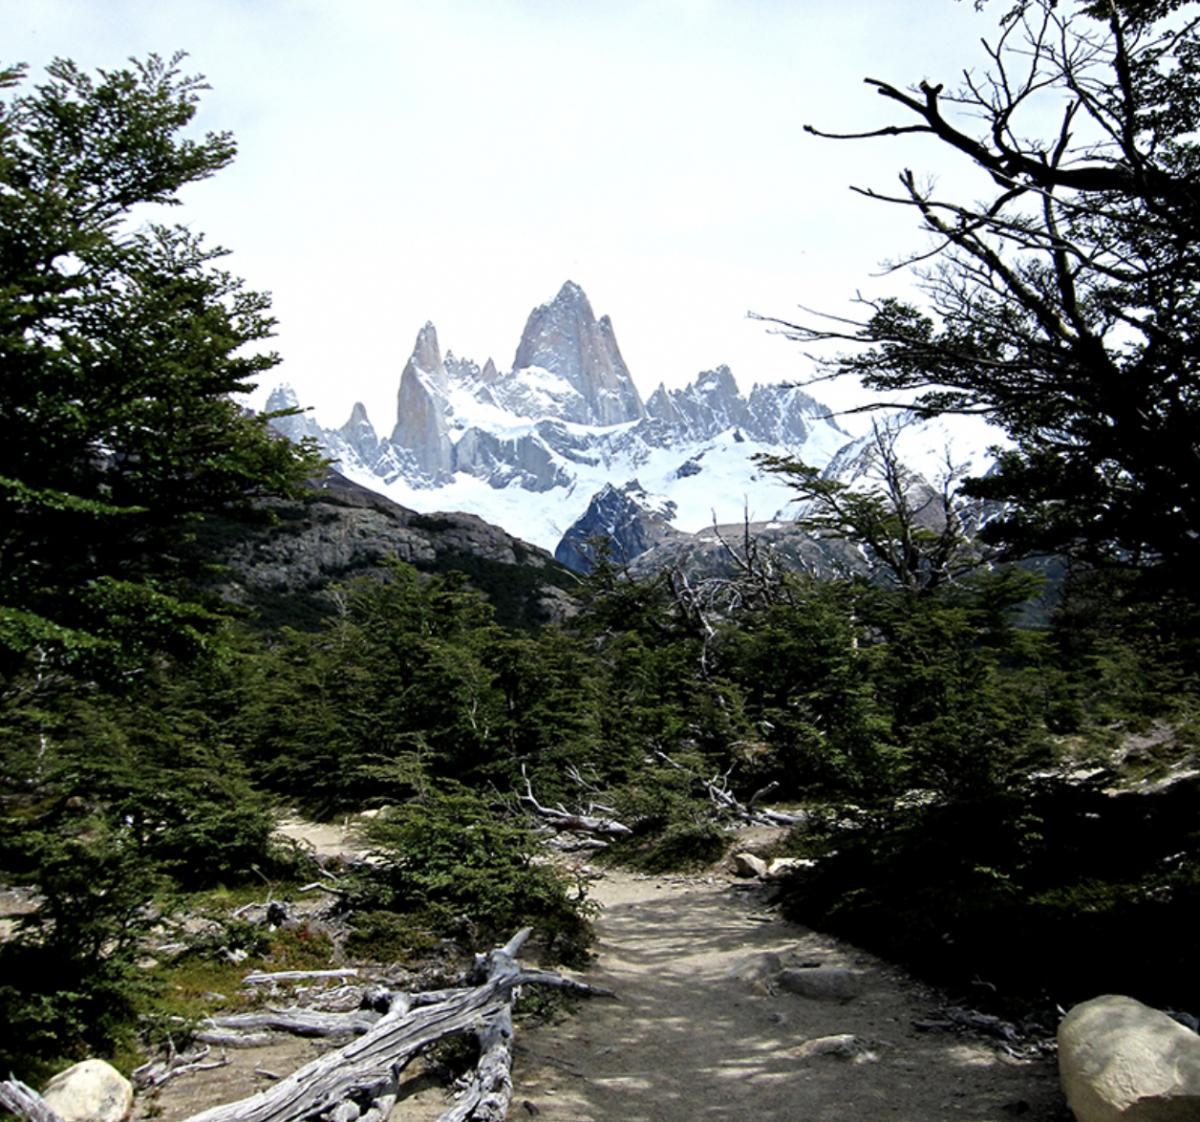 ダイナミックなひとりっぷにオススメの南米。中でもアルゼンチンは土地によって気候も雰囲気もいろんな要素が詰まっていて、オススメ